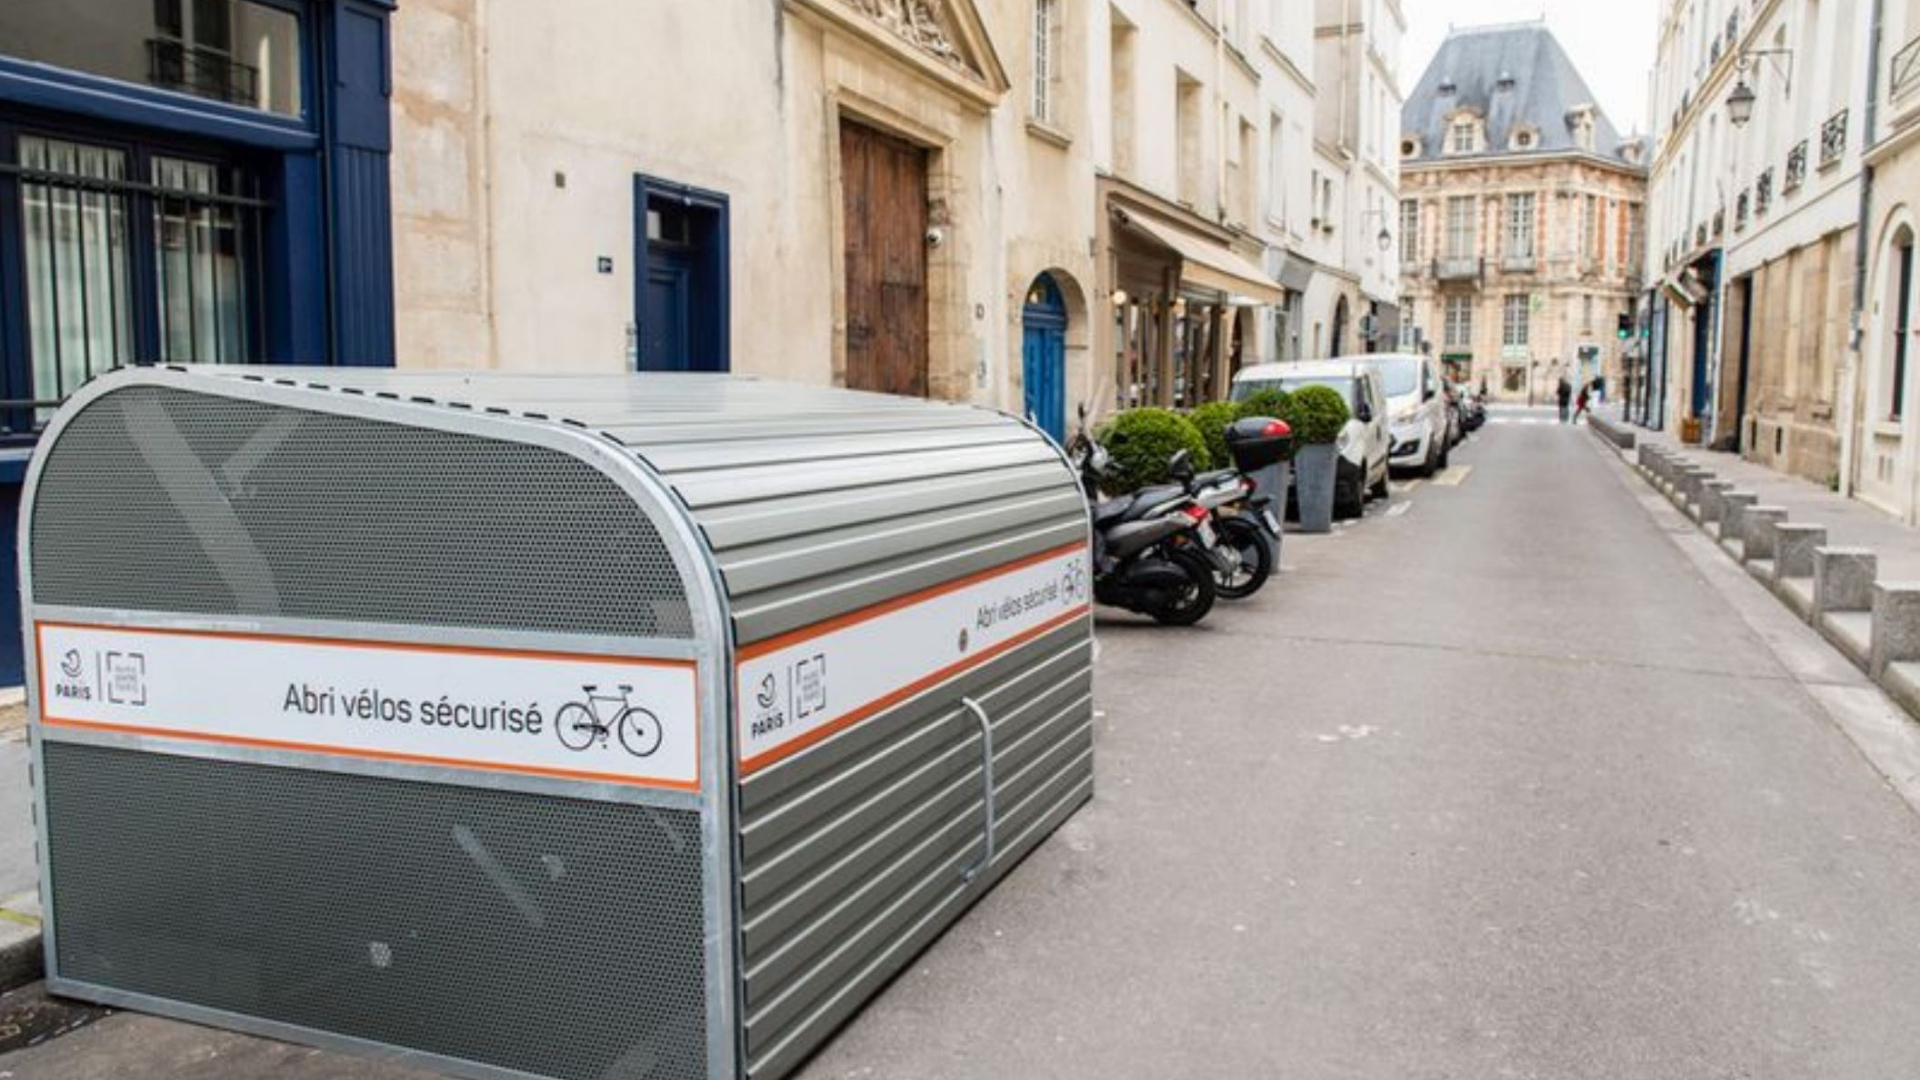 Abri Vélo Pas Cher À paris, la mairie veut lutter contre les vols de vélo avec